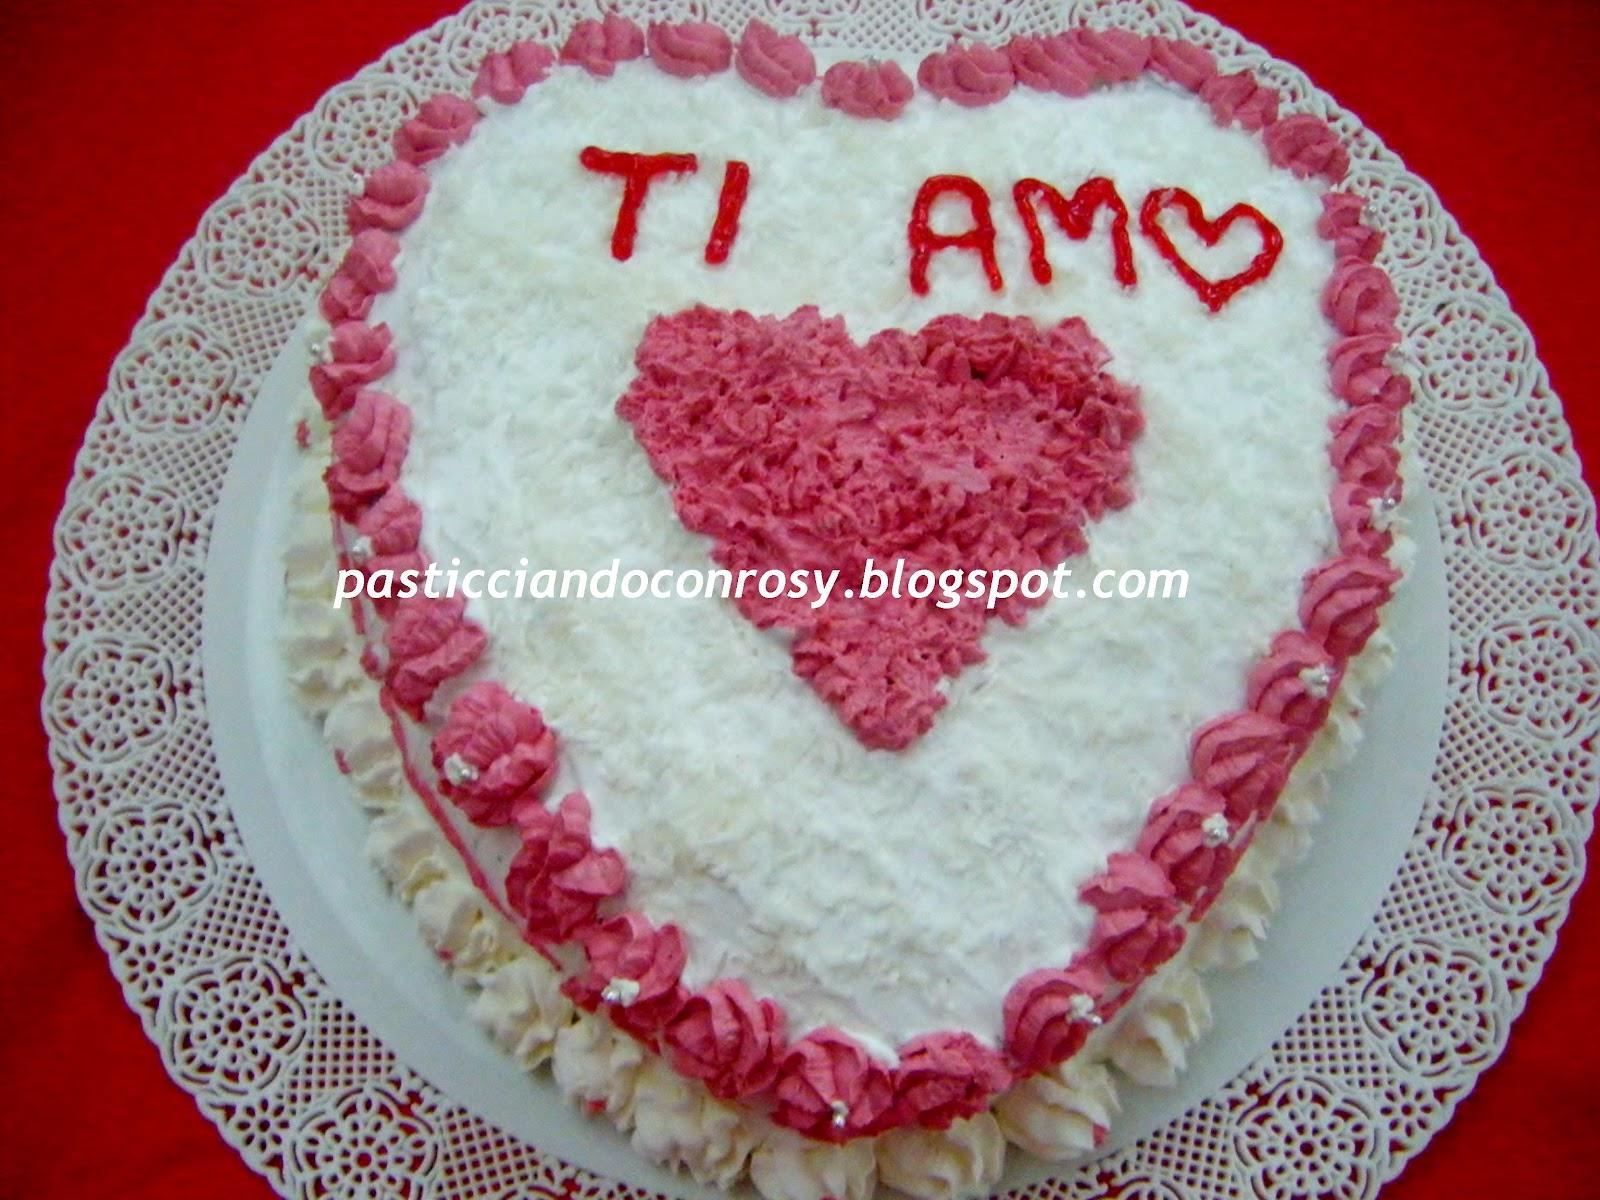 abbastanza Torta San Valentino cuore - Pasticciando con Rosy BJ53